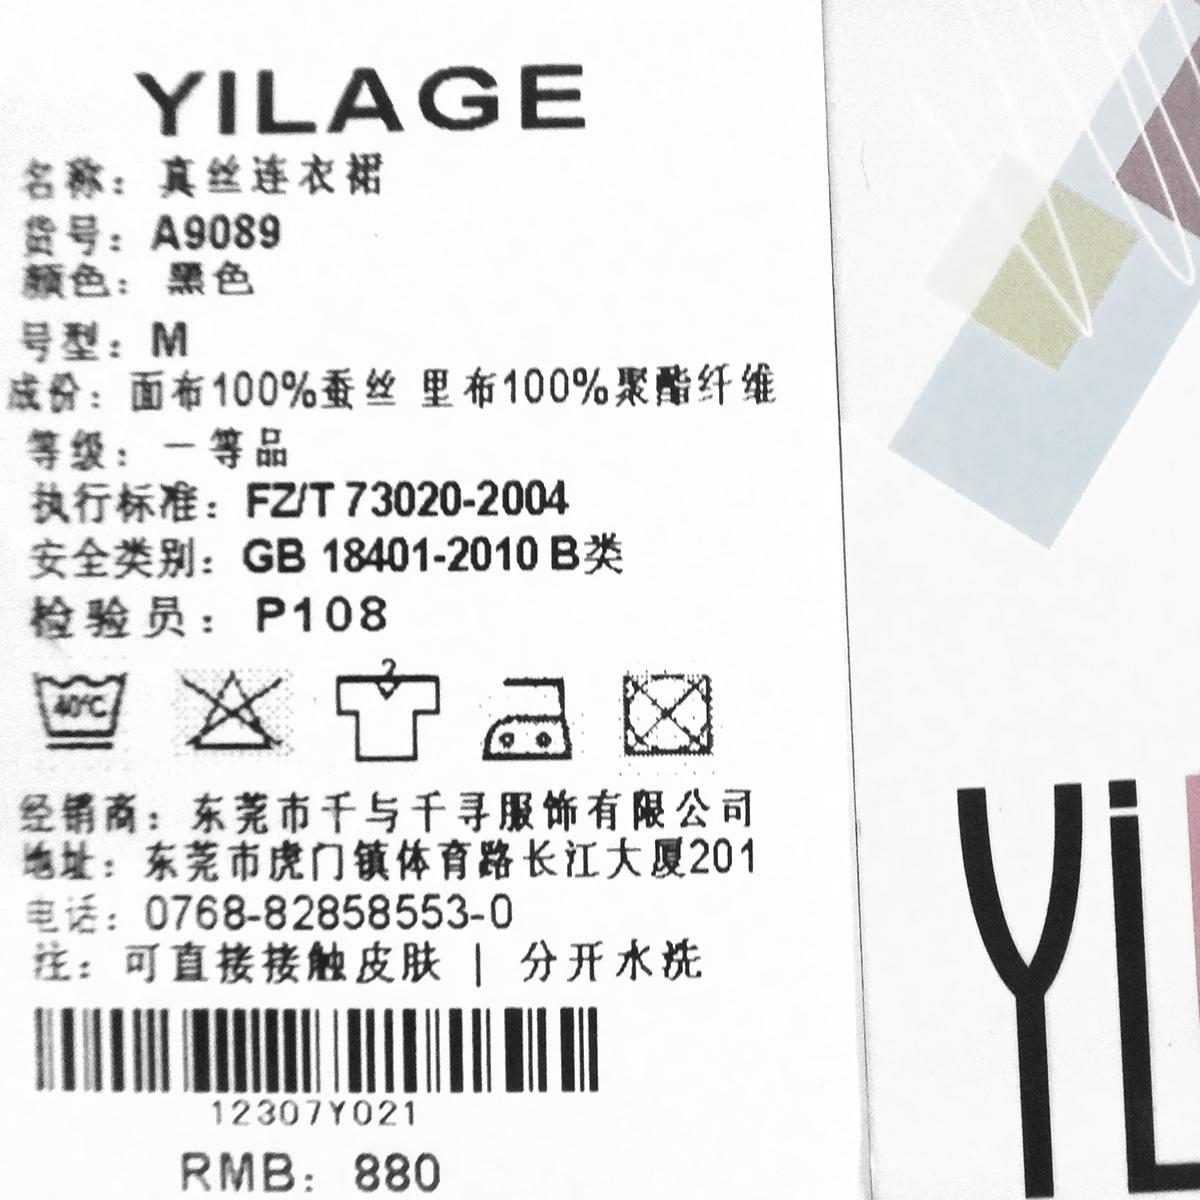 Женское платье Yilage a9089 2015